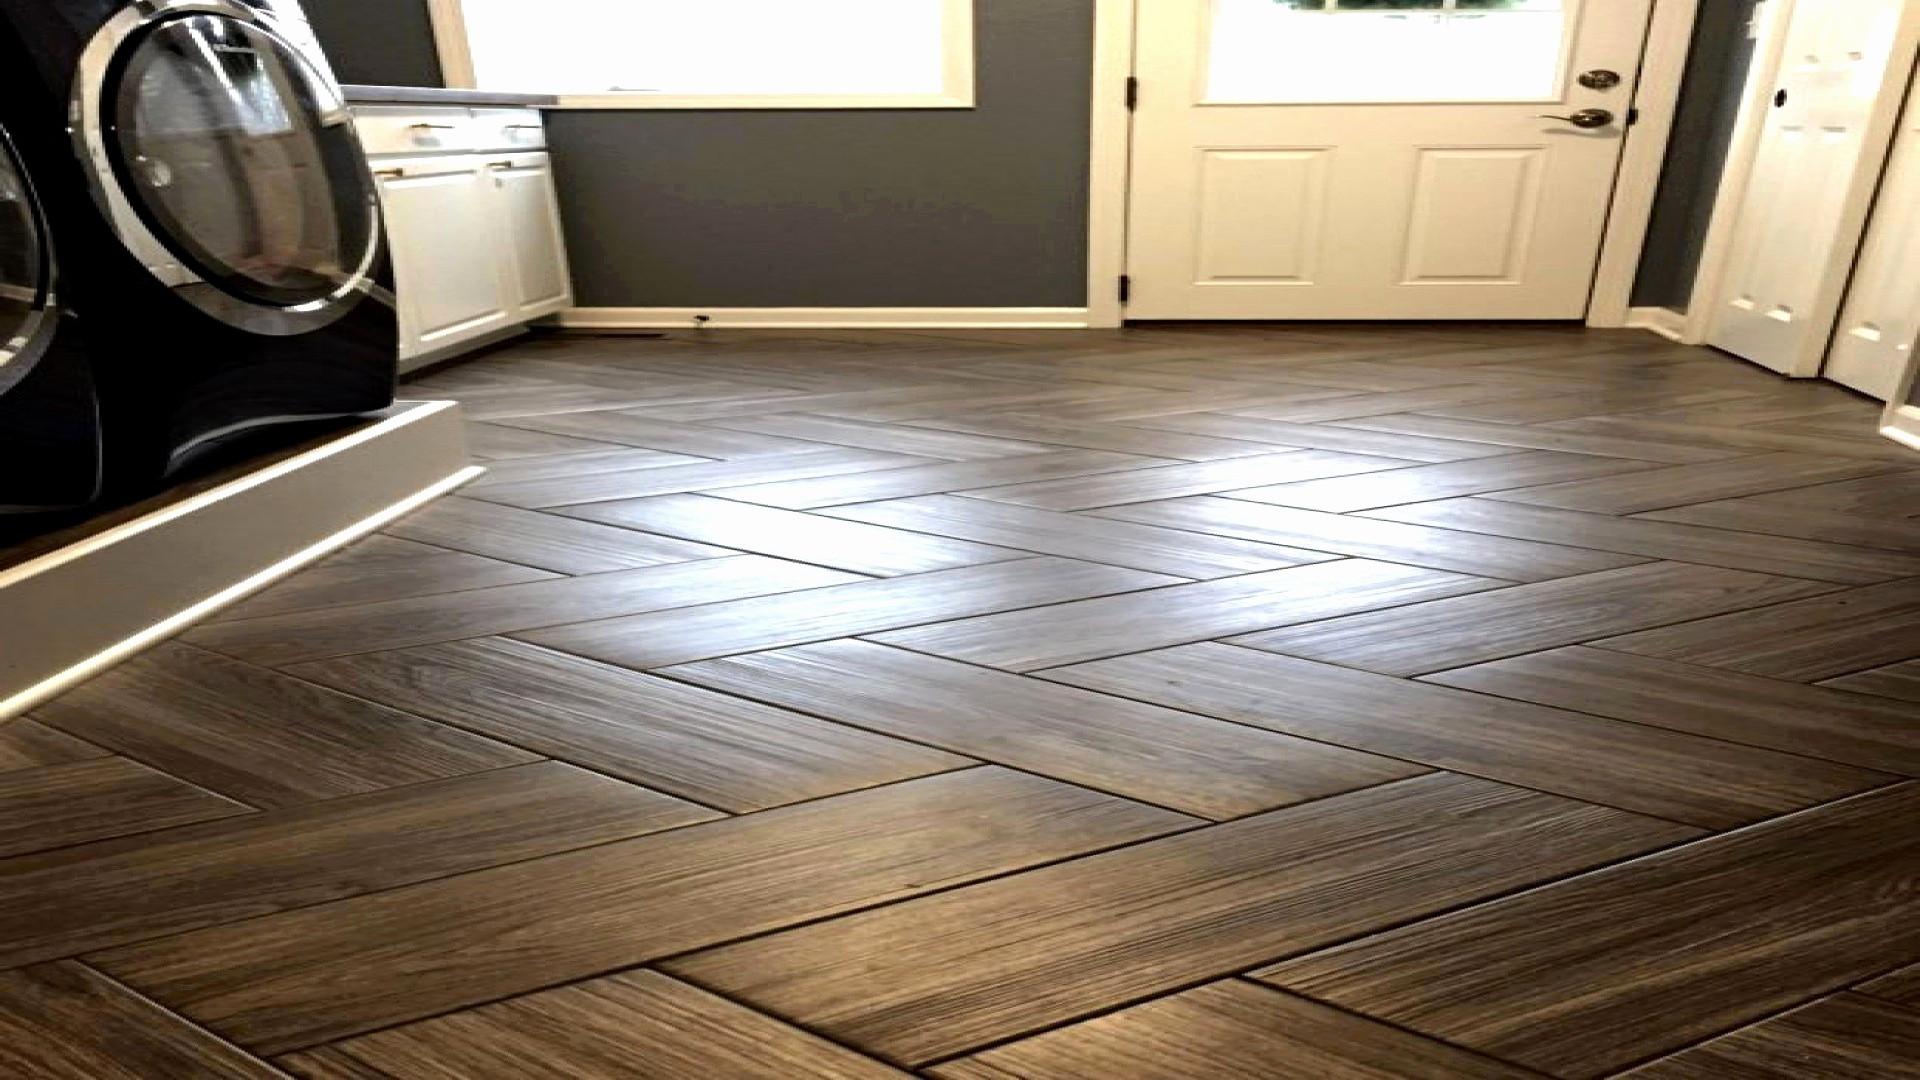 engineered hickory hardwood flooring sale of 19 awesome hardwood flooring for sale photograph dizpos com for hardwood flooring for sale best of 52 luxury wood flooring sale 52 s photograph